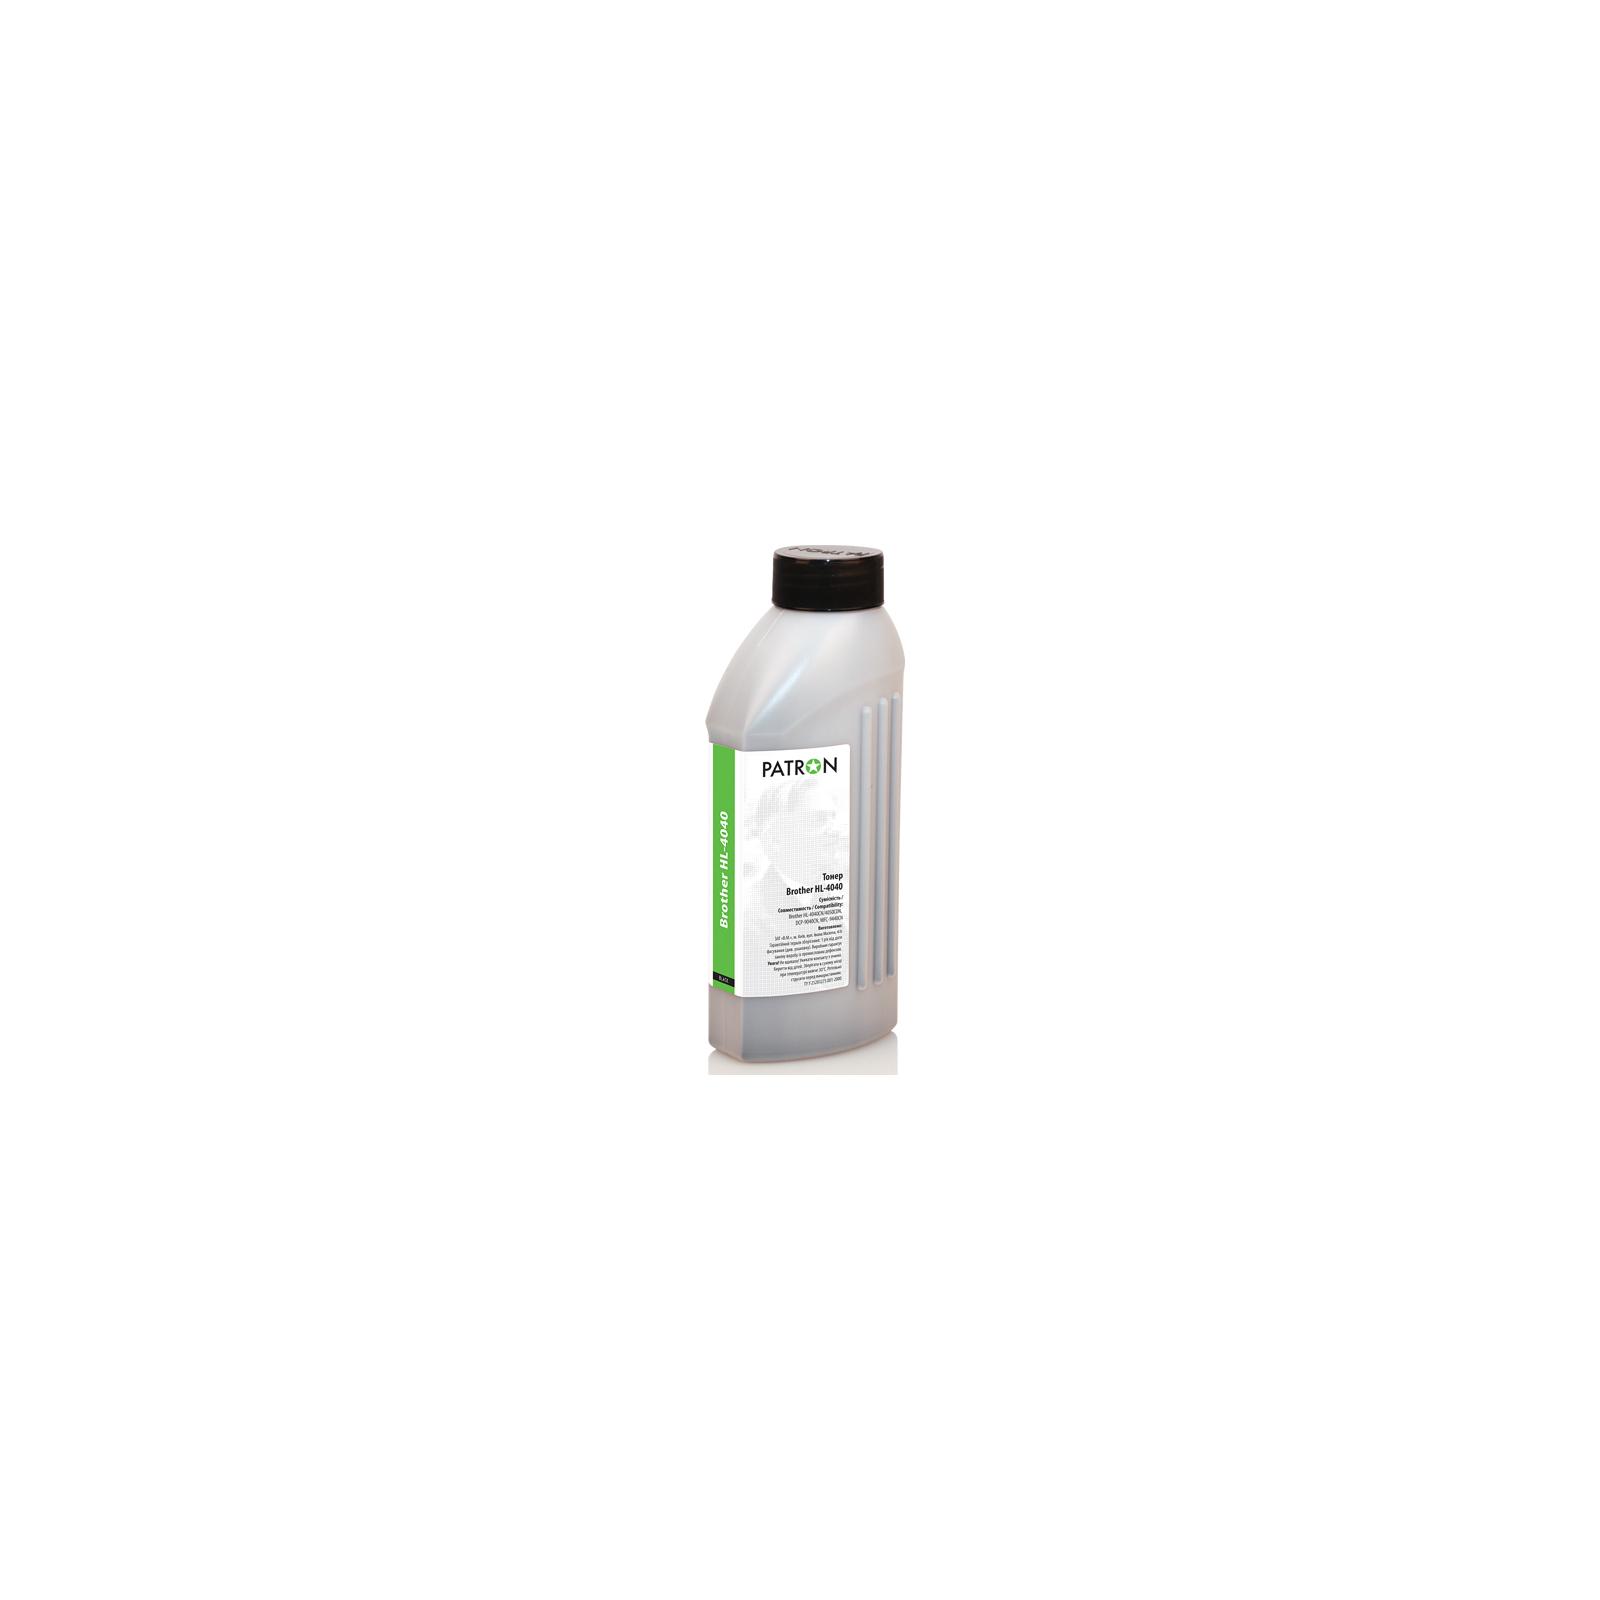 Тонер PATRON Brother HL-4040 BLACK 140г (T-PN-BHL4040-B-140)